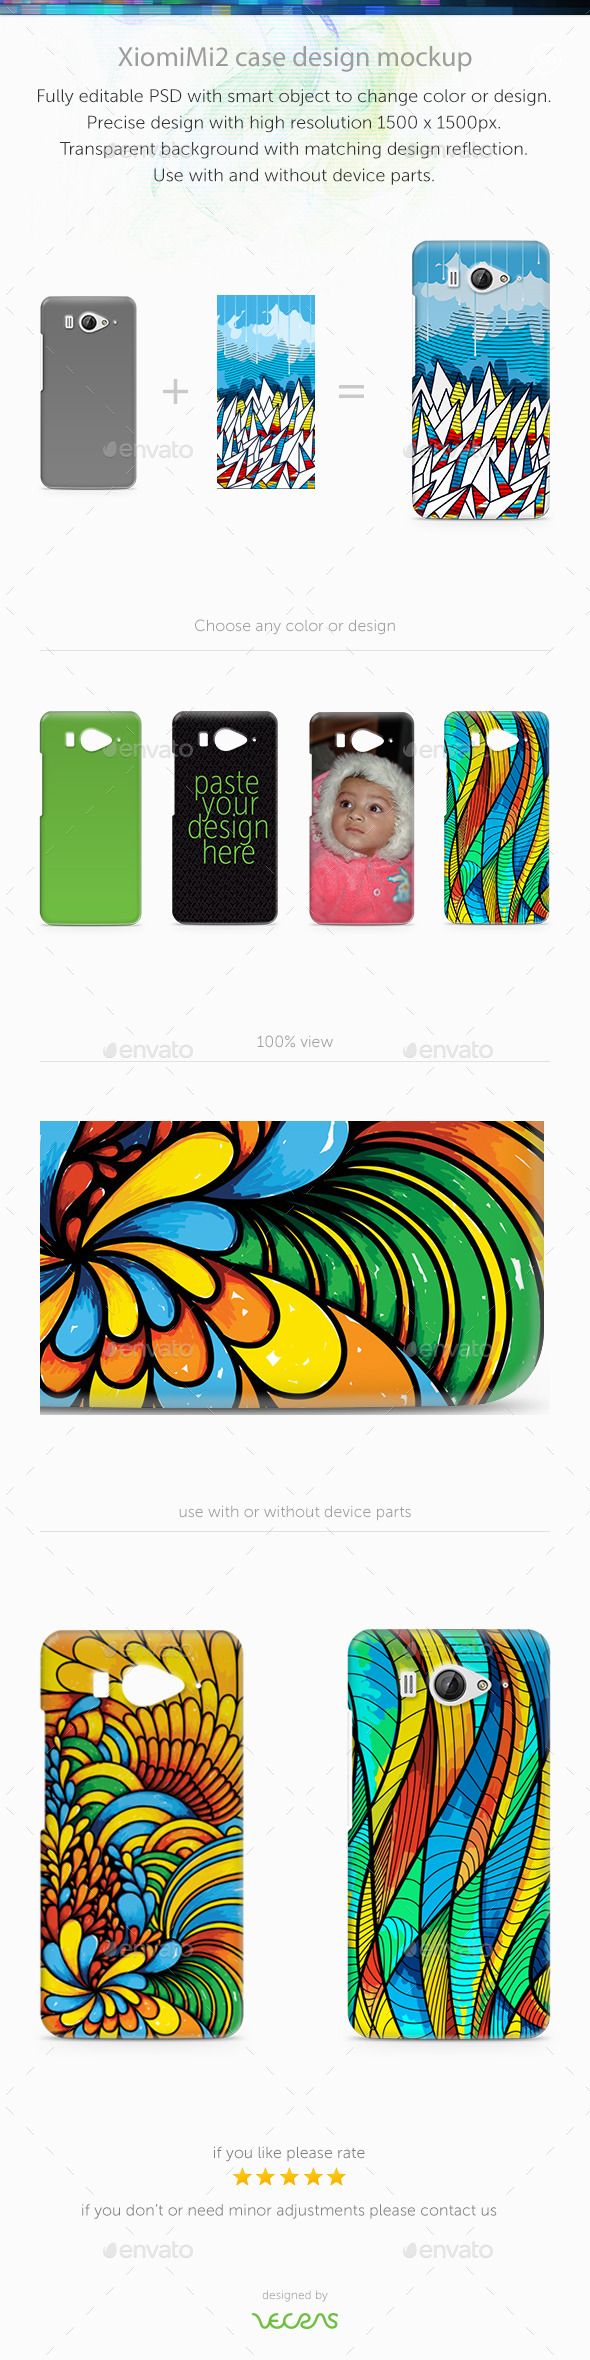 GraphicRiver XiomiMi2 Case Design Mockup 9743180